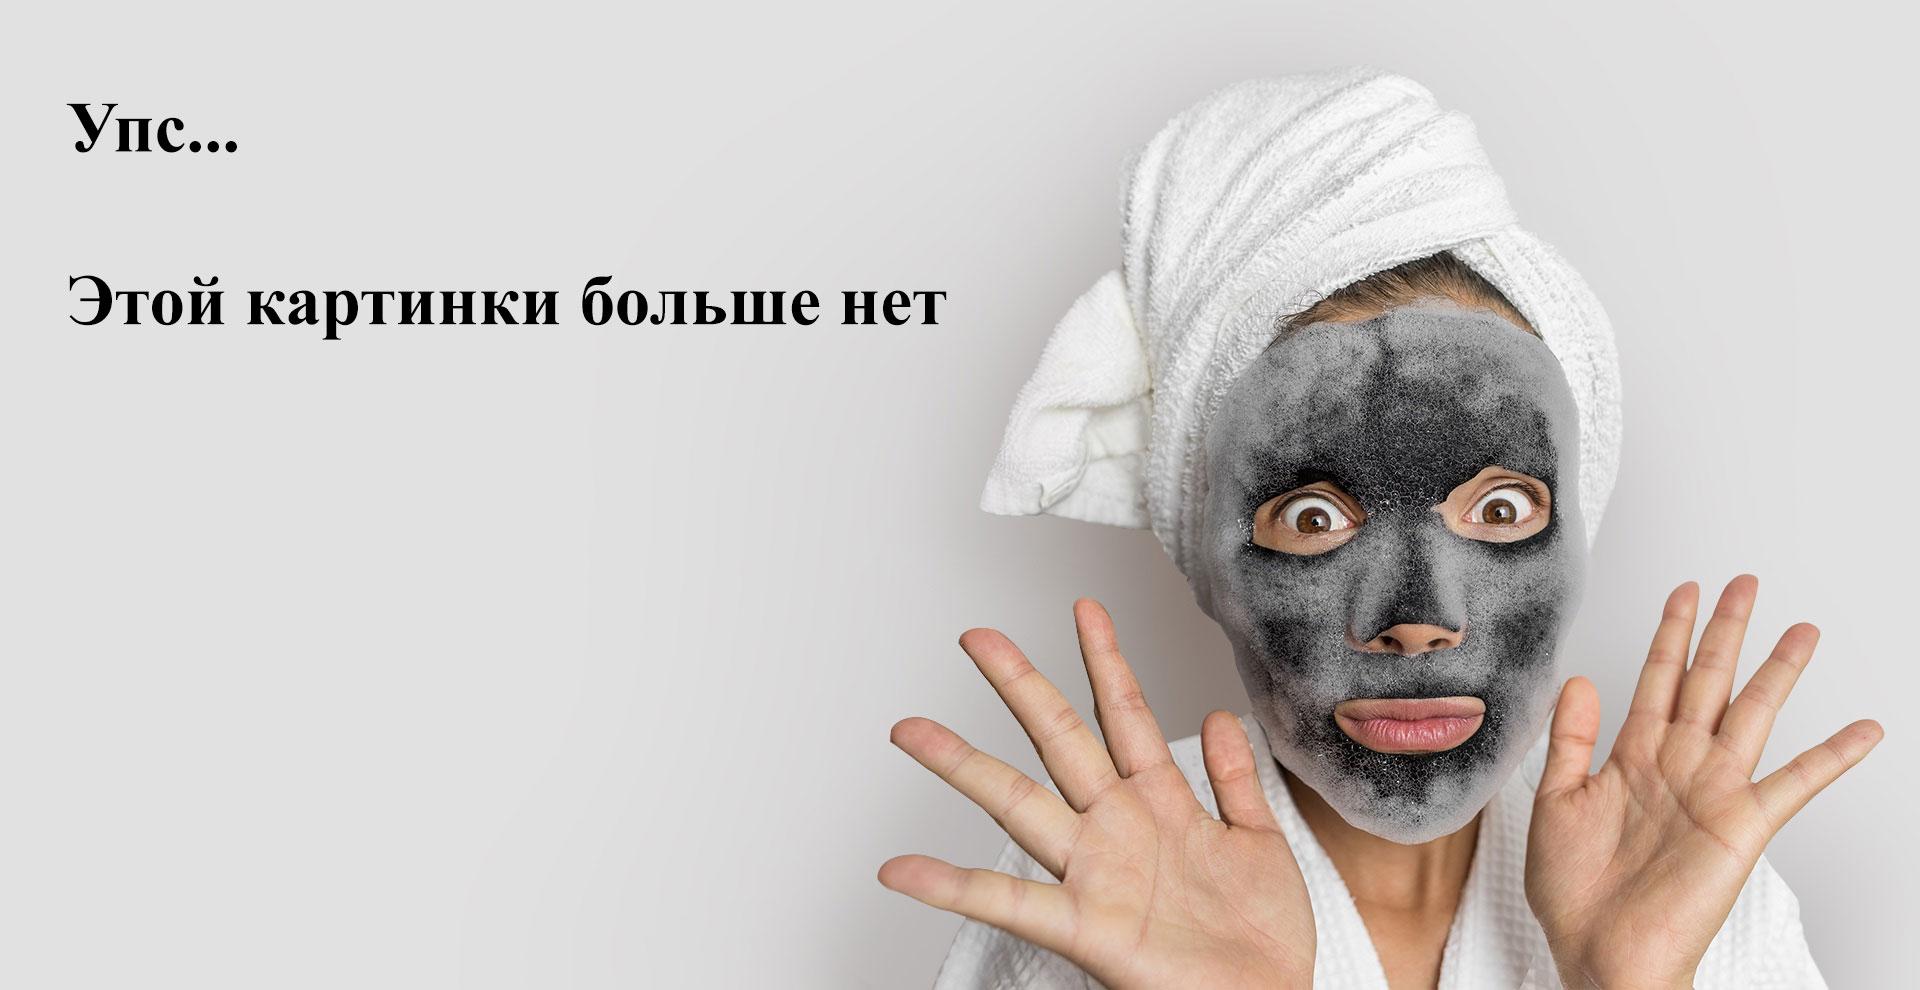 Zeitun, Шампунь для волос «Гладкость и блеск», 250 мл (УЦЕНКА)